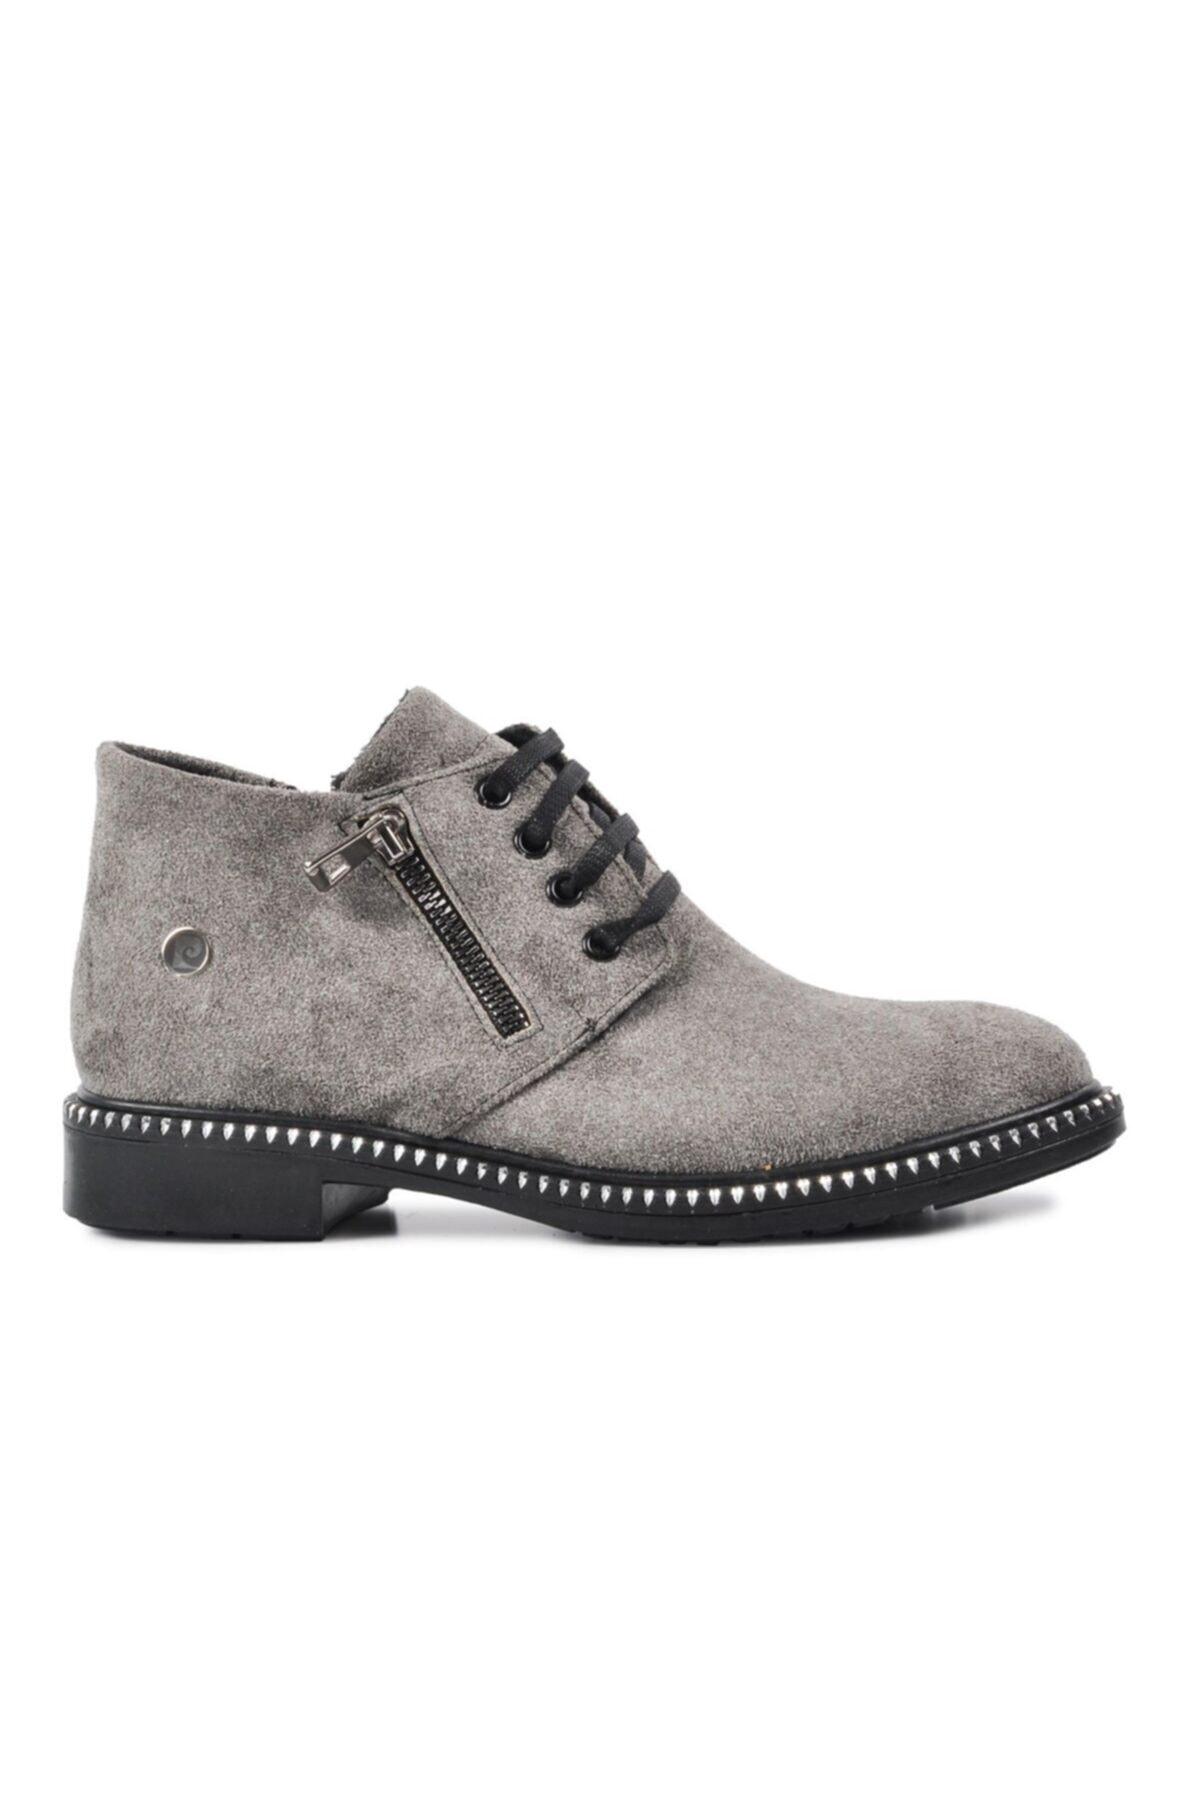 Pierre Cardin Kadın Gri Süet Günlük Ayakkabı 50421 1